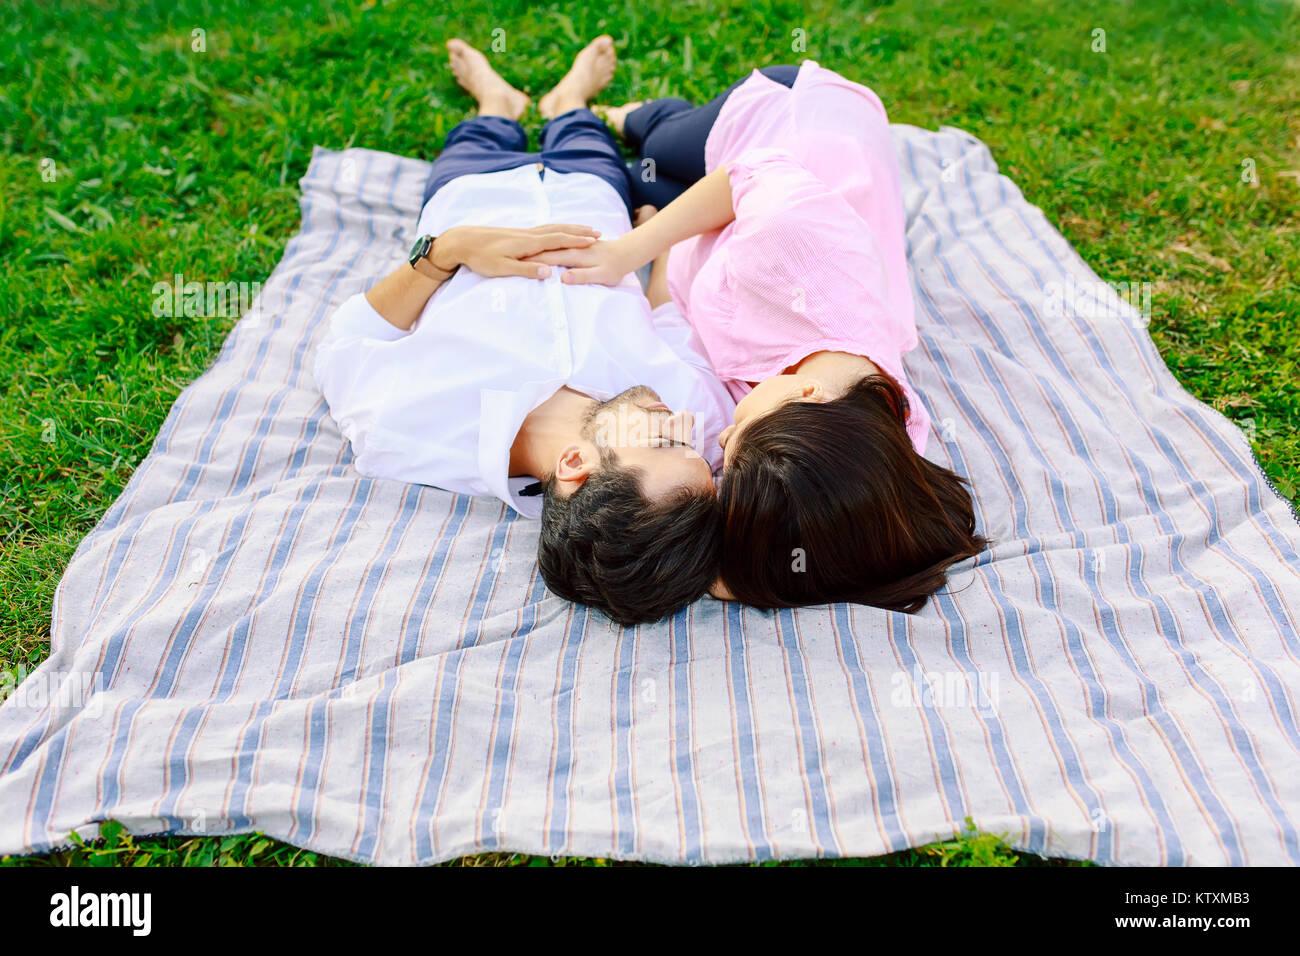 Young loving couple lying together enjoying closeness - Stock Image